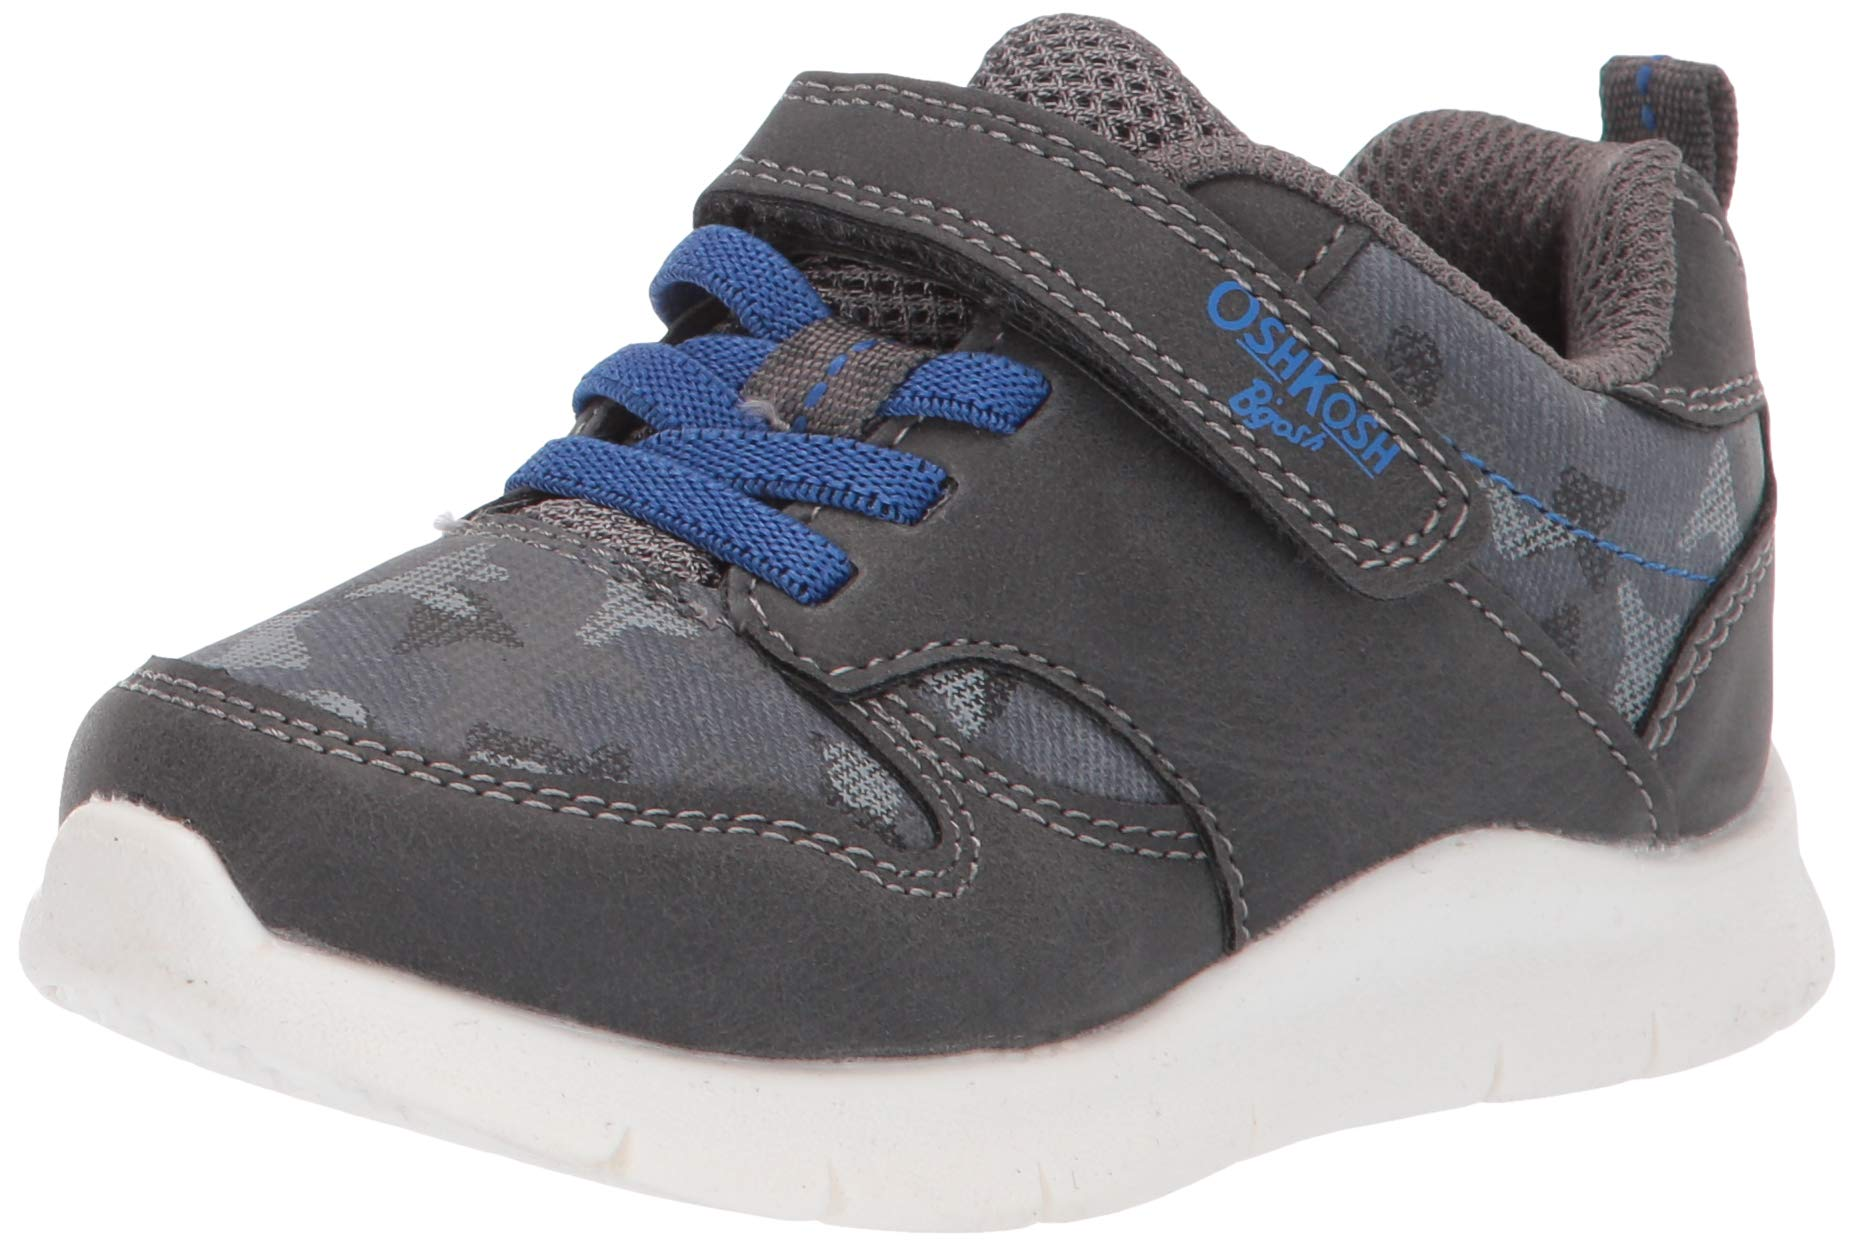 OshKosh B'Gosh Geovanie Boy's Athletic Sneaker, Charcoal, 10 M US Toddler by OshKosh B'Gosh